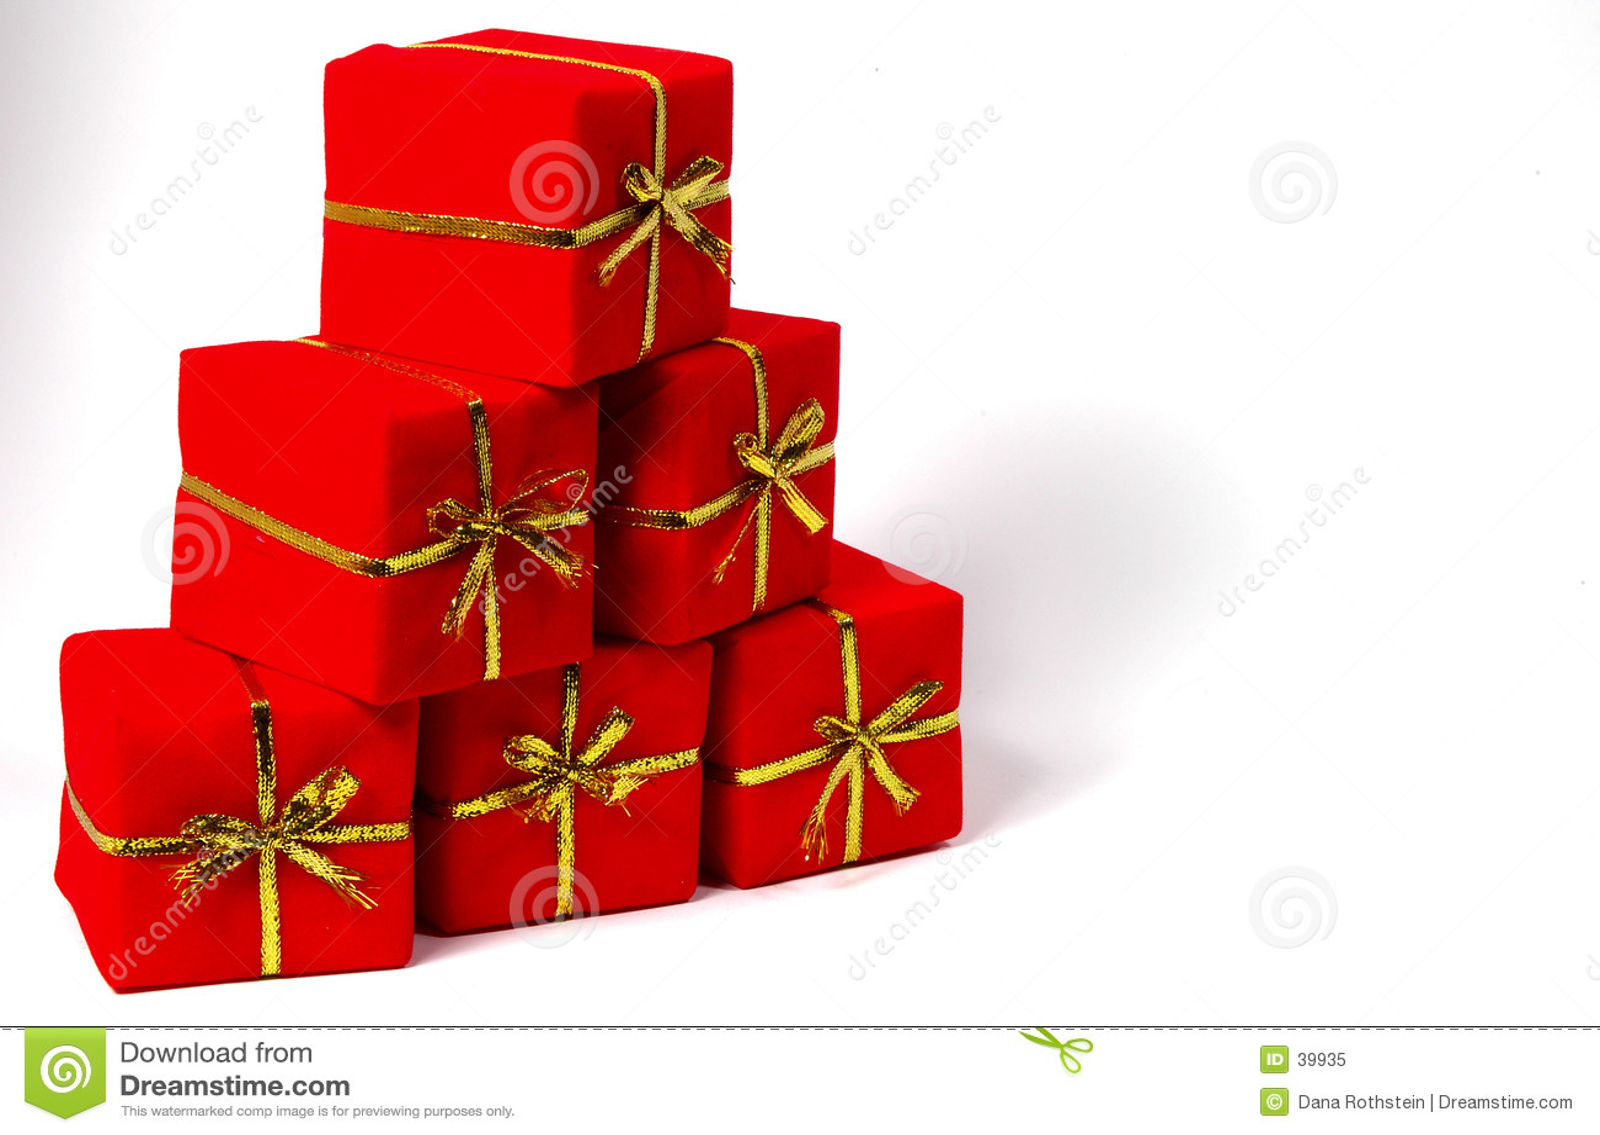 Giftboxpyramid